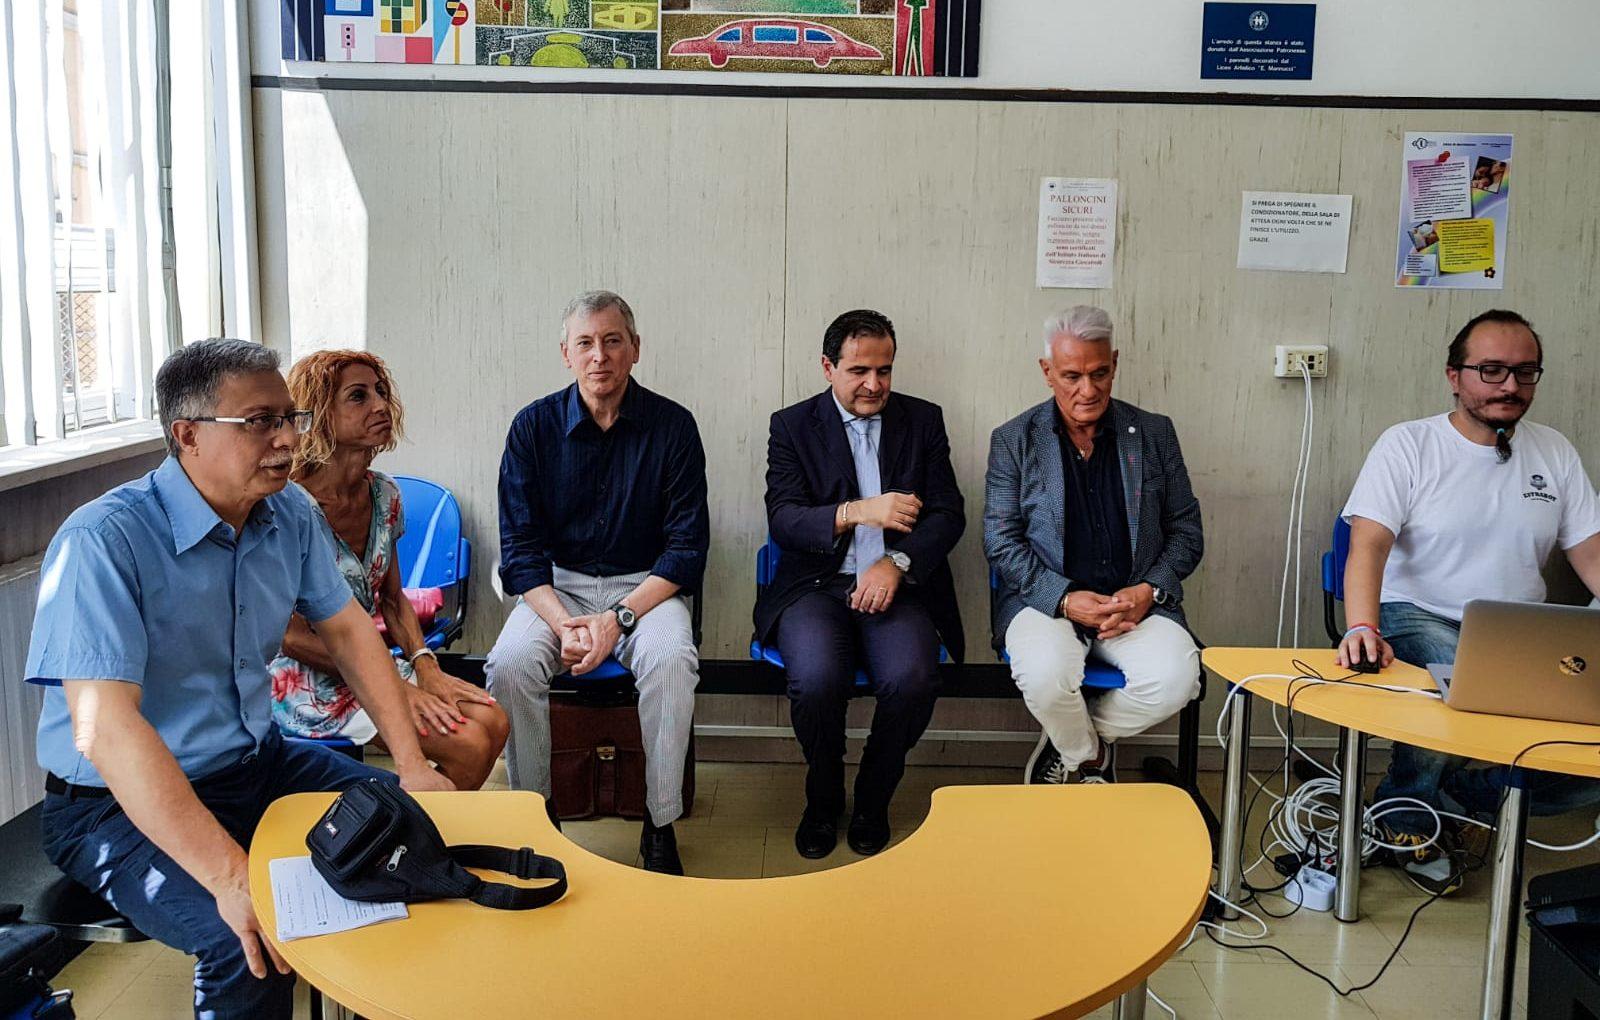 Da sinistra Carlo Rossi, Silvia Faggi, Corrado Marri, Marco Gnocchini, Michele Caporossi e Samuele Canonico